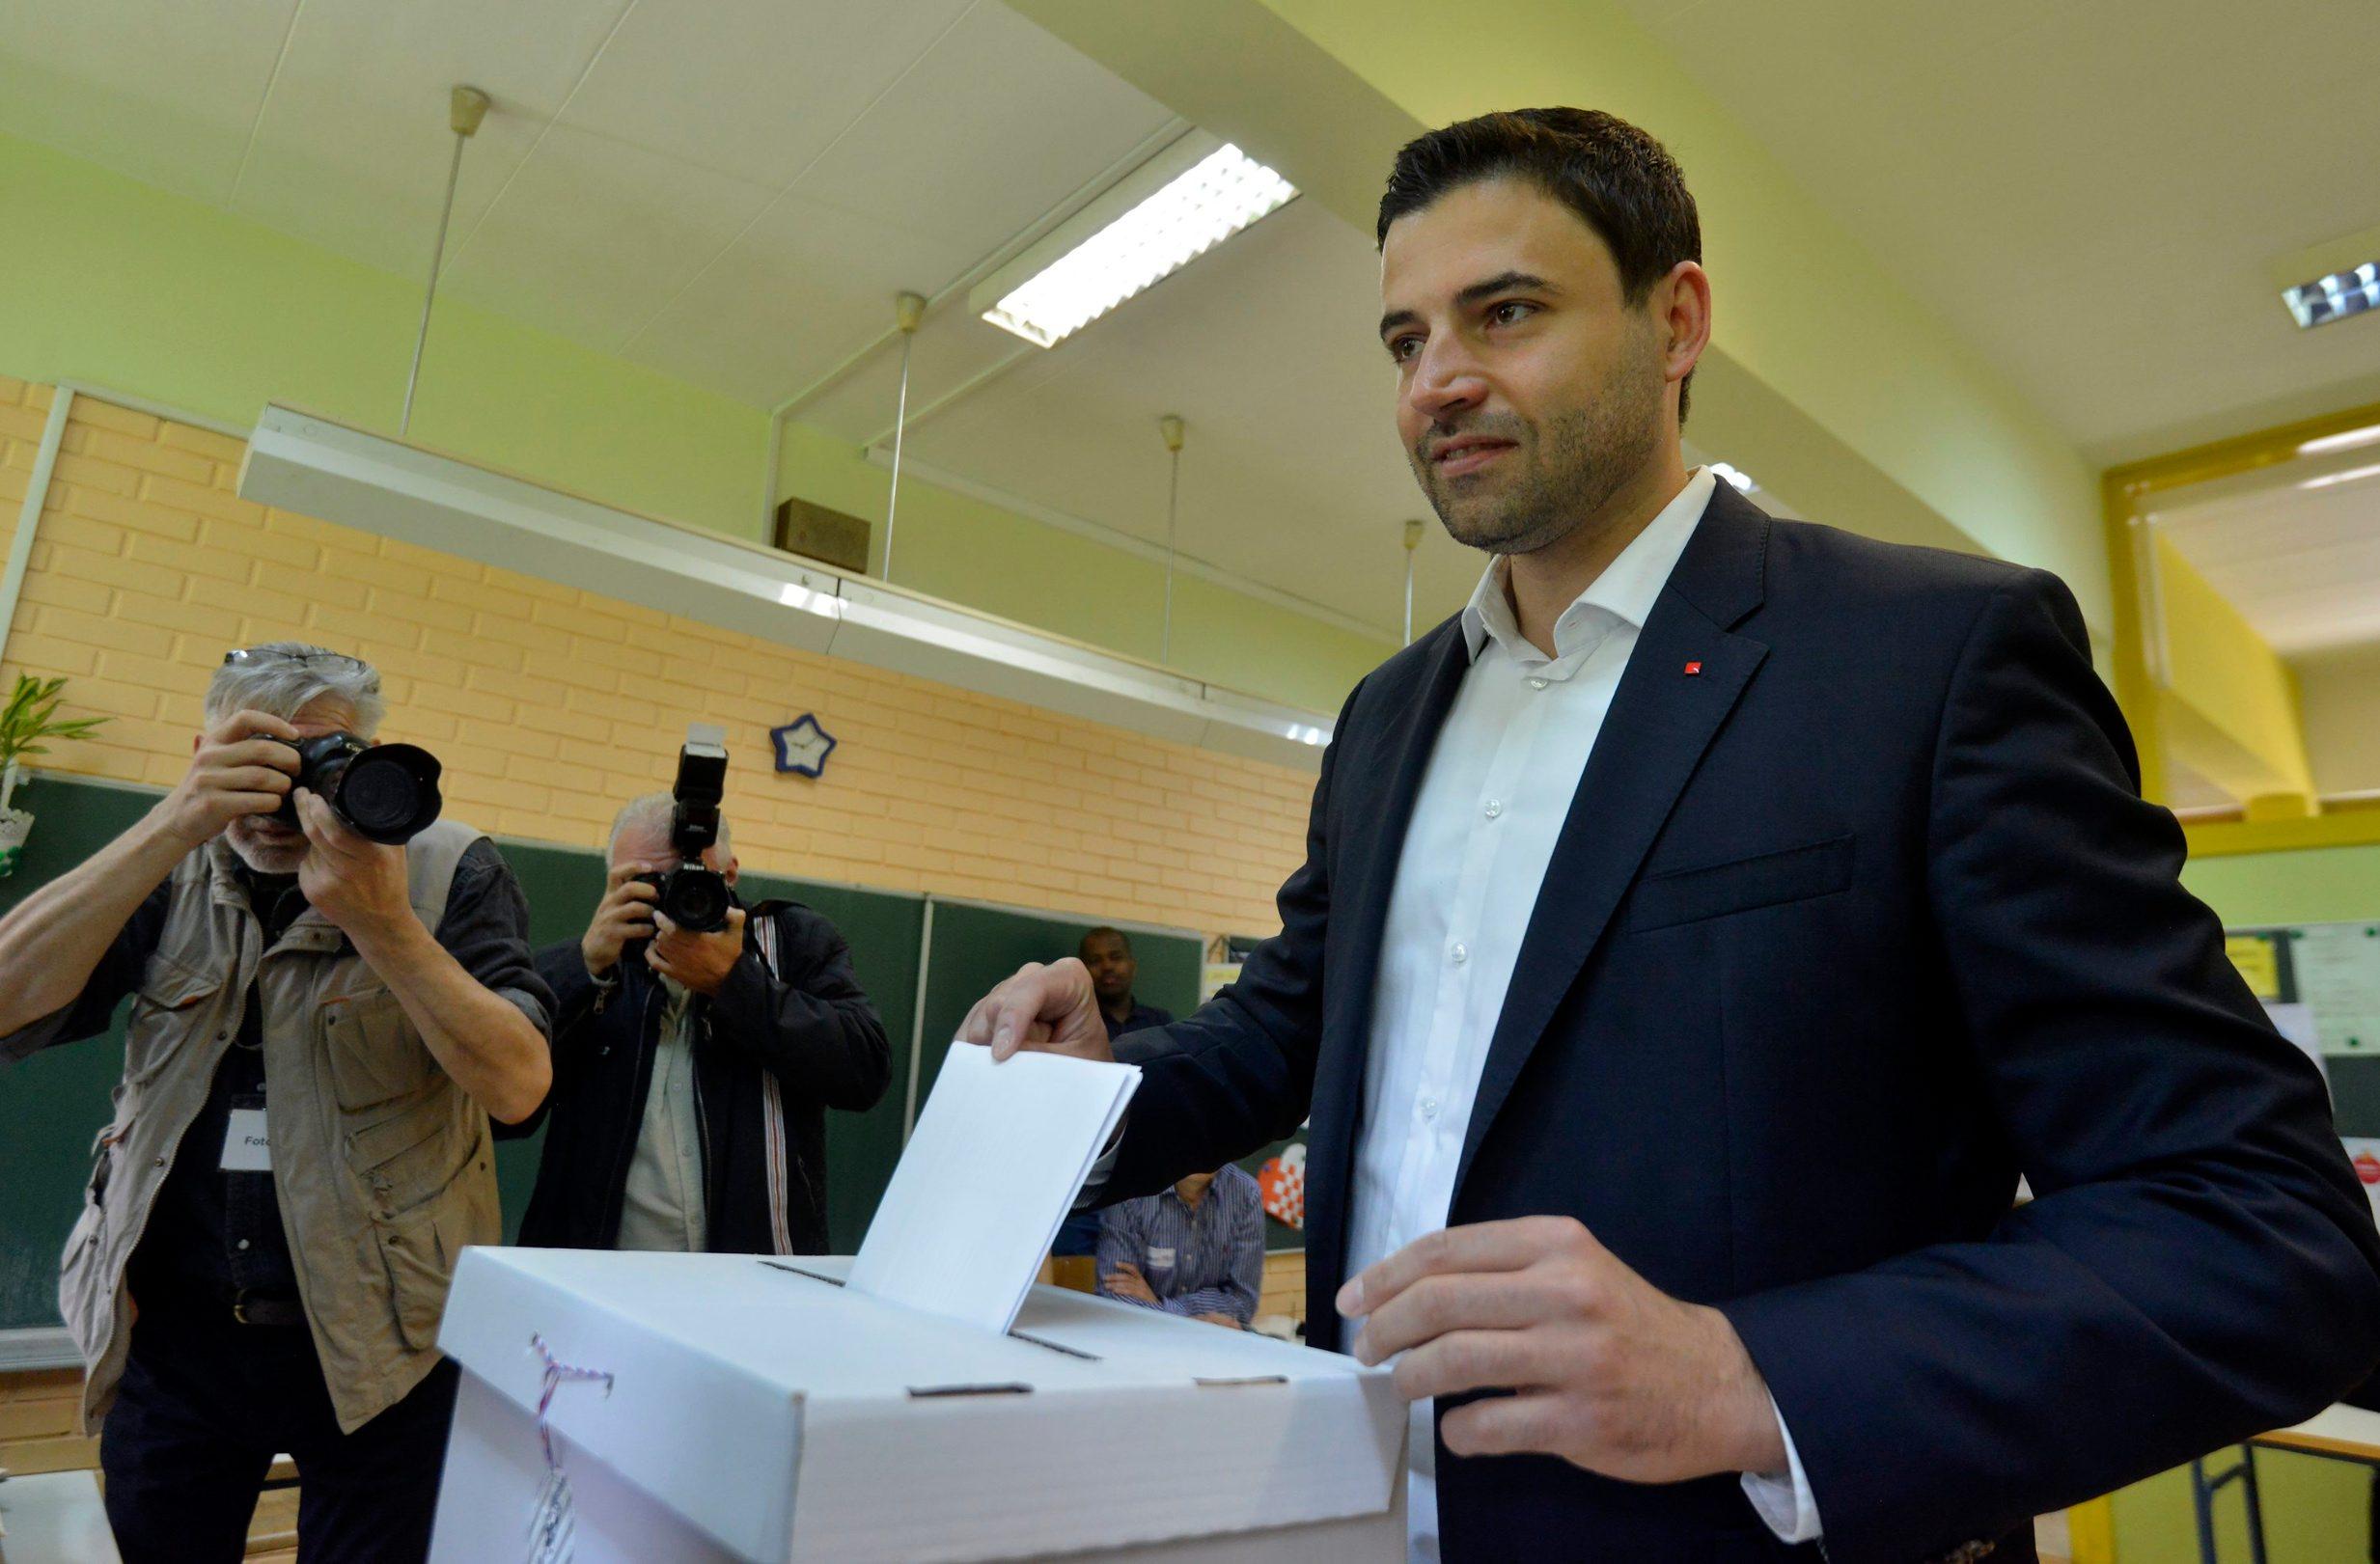 Zagreb, 260519. Predsjednik SDP-a Davor Bernardic glasao je jutros u Sopotu. Foto: Bruno Konjevic / CROPIX